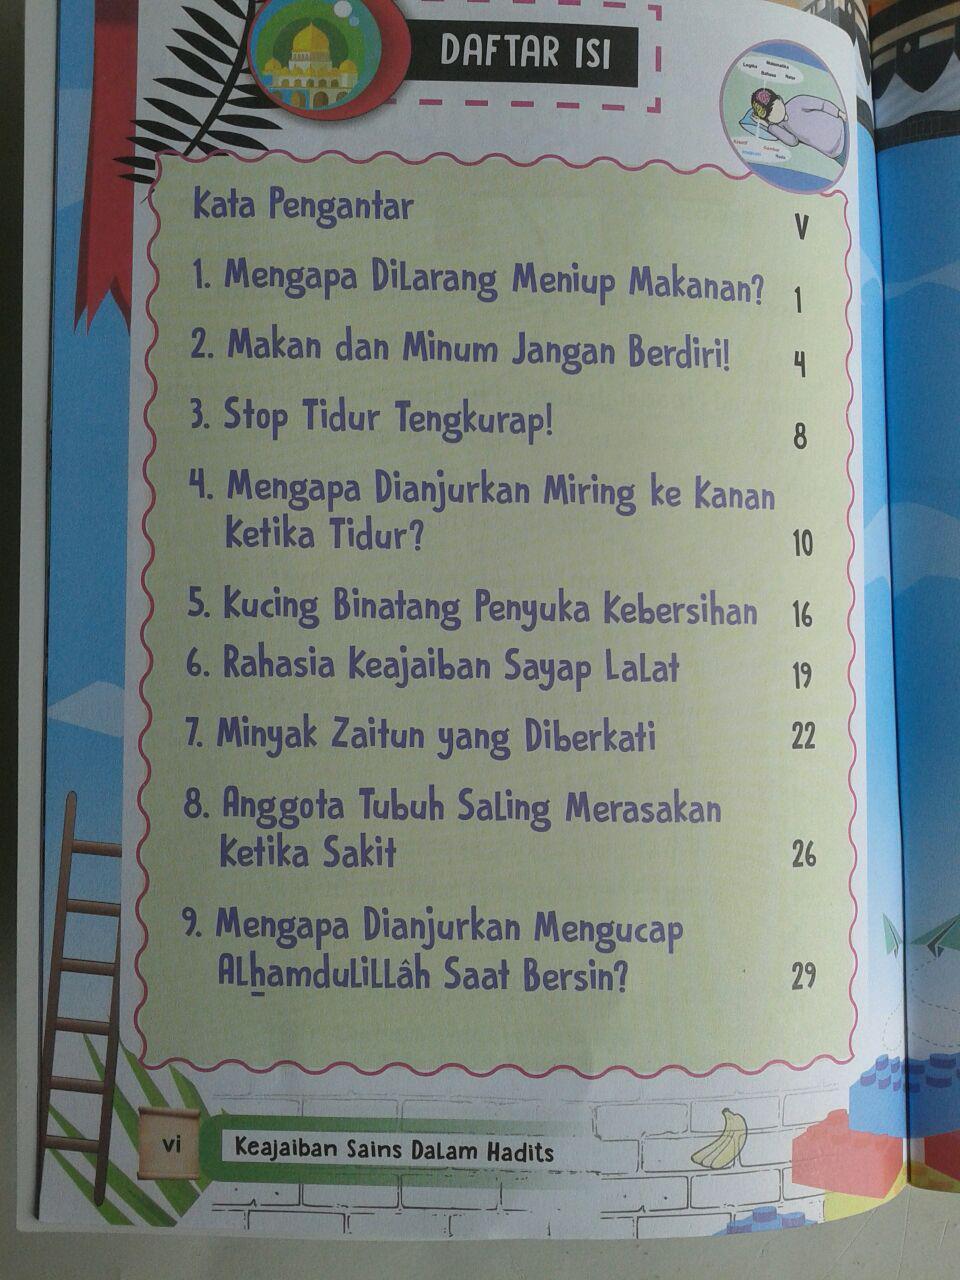 Buku Anak Masya Allah Inilah Keajaiban Sains Dalam Hadits isi 2